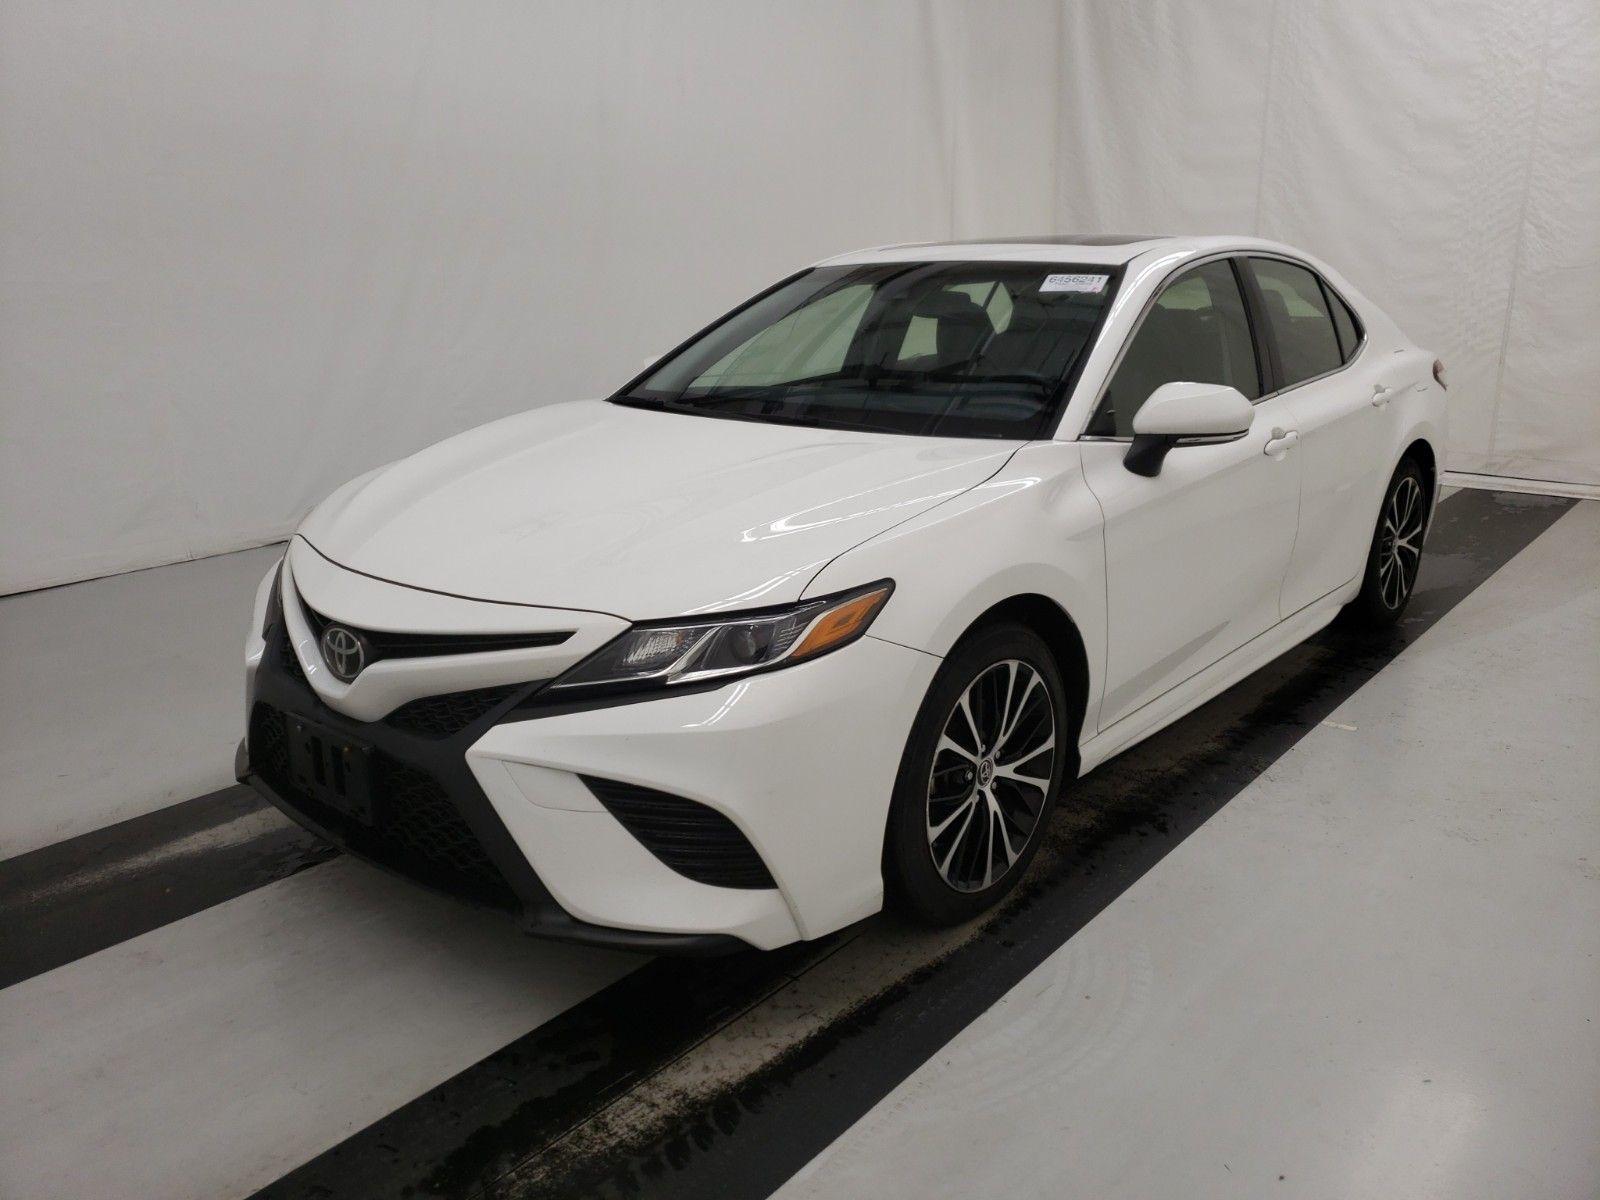 2018 Toyota Camry 2.5. Lot 99921012197 Vin JTNB11HK7J3000588